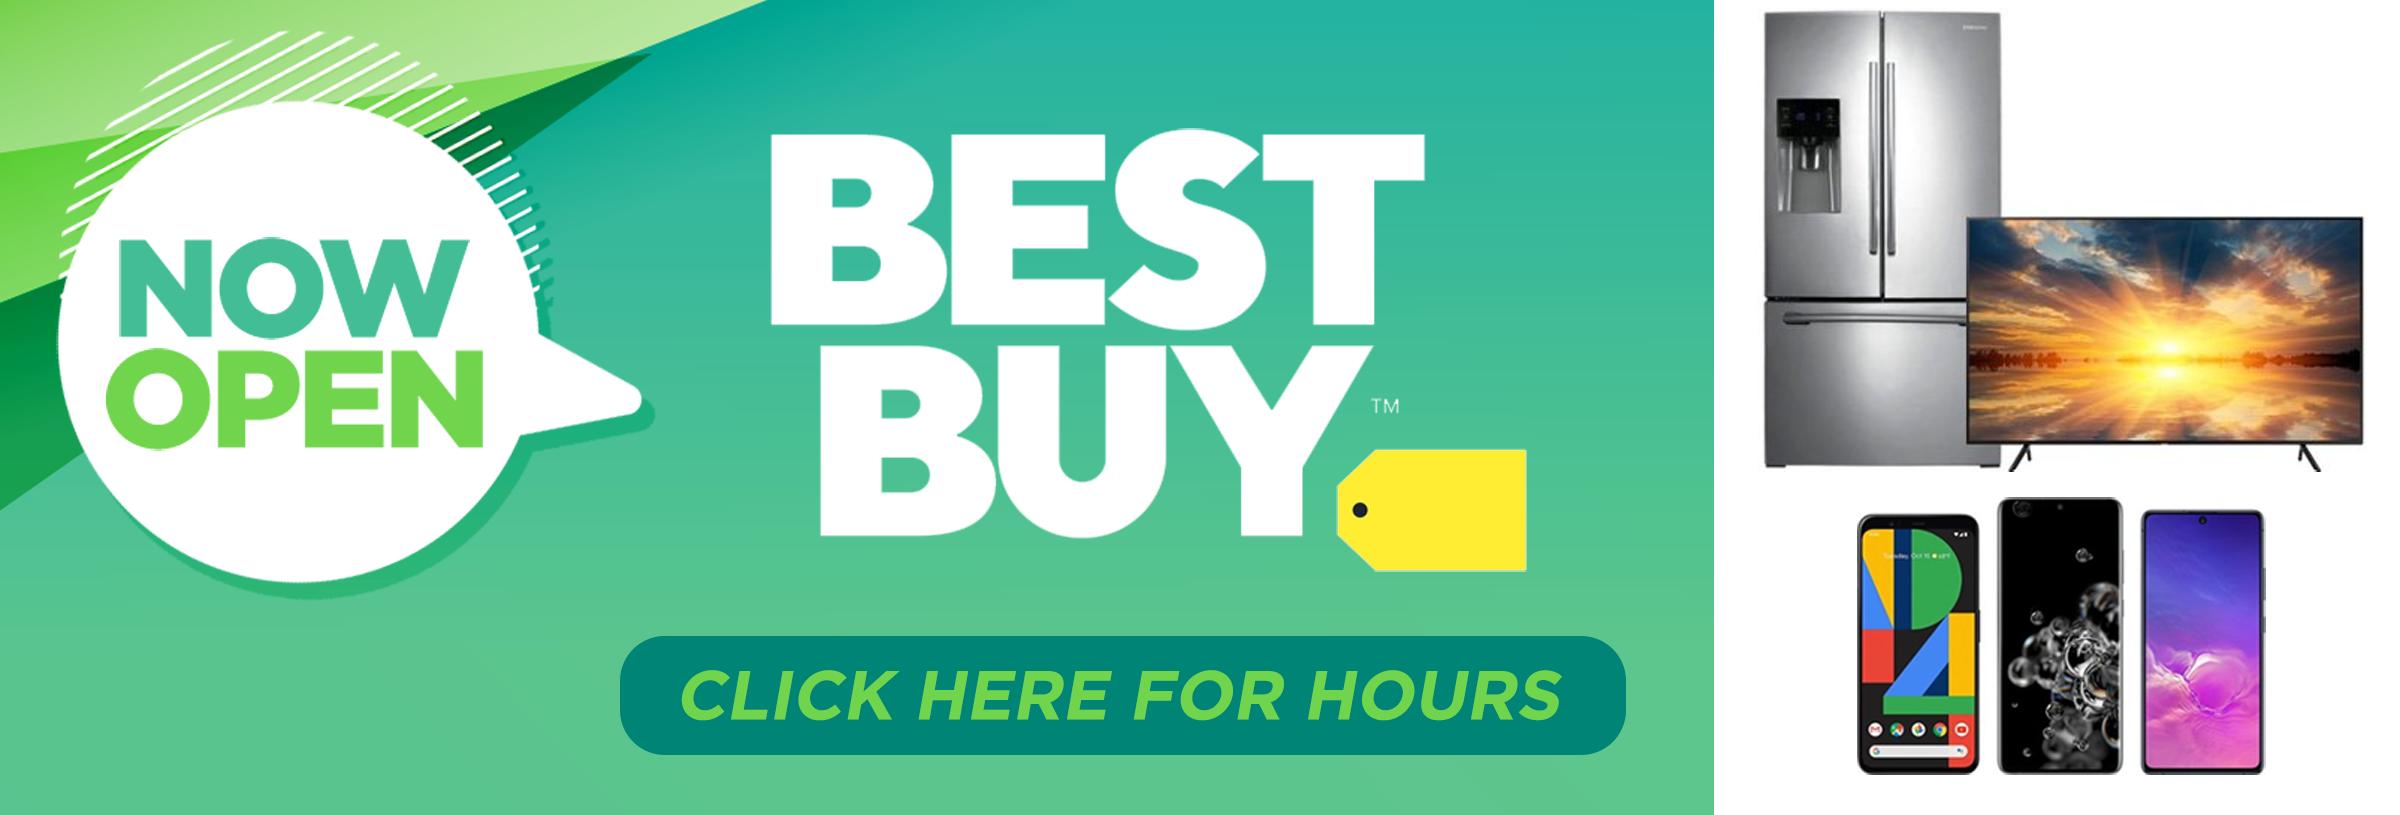 Best Buy Now ReOpen Graphic Hero Slider 2